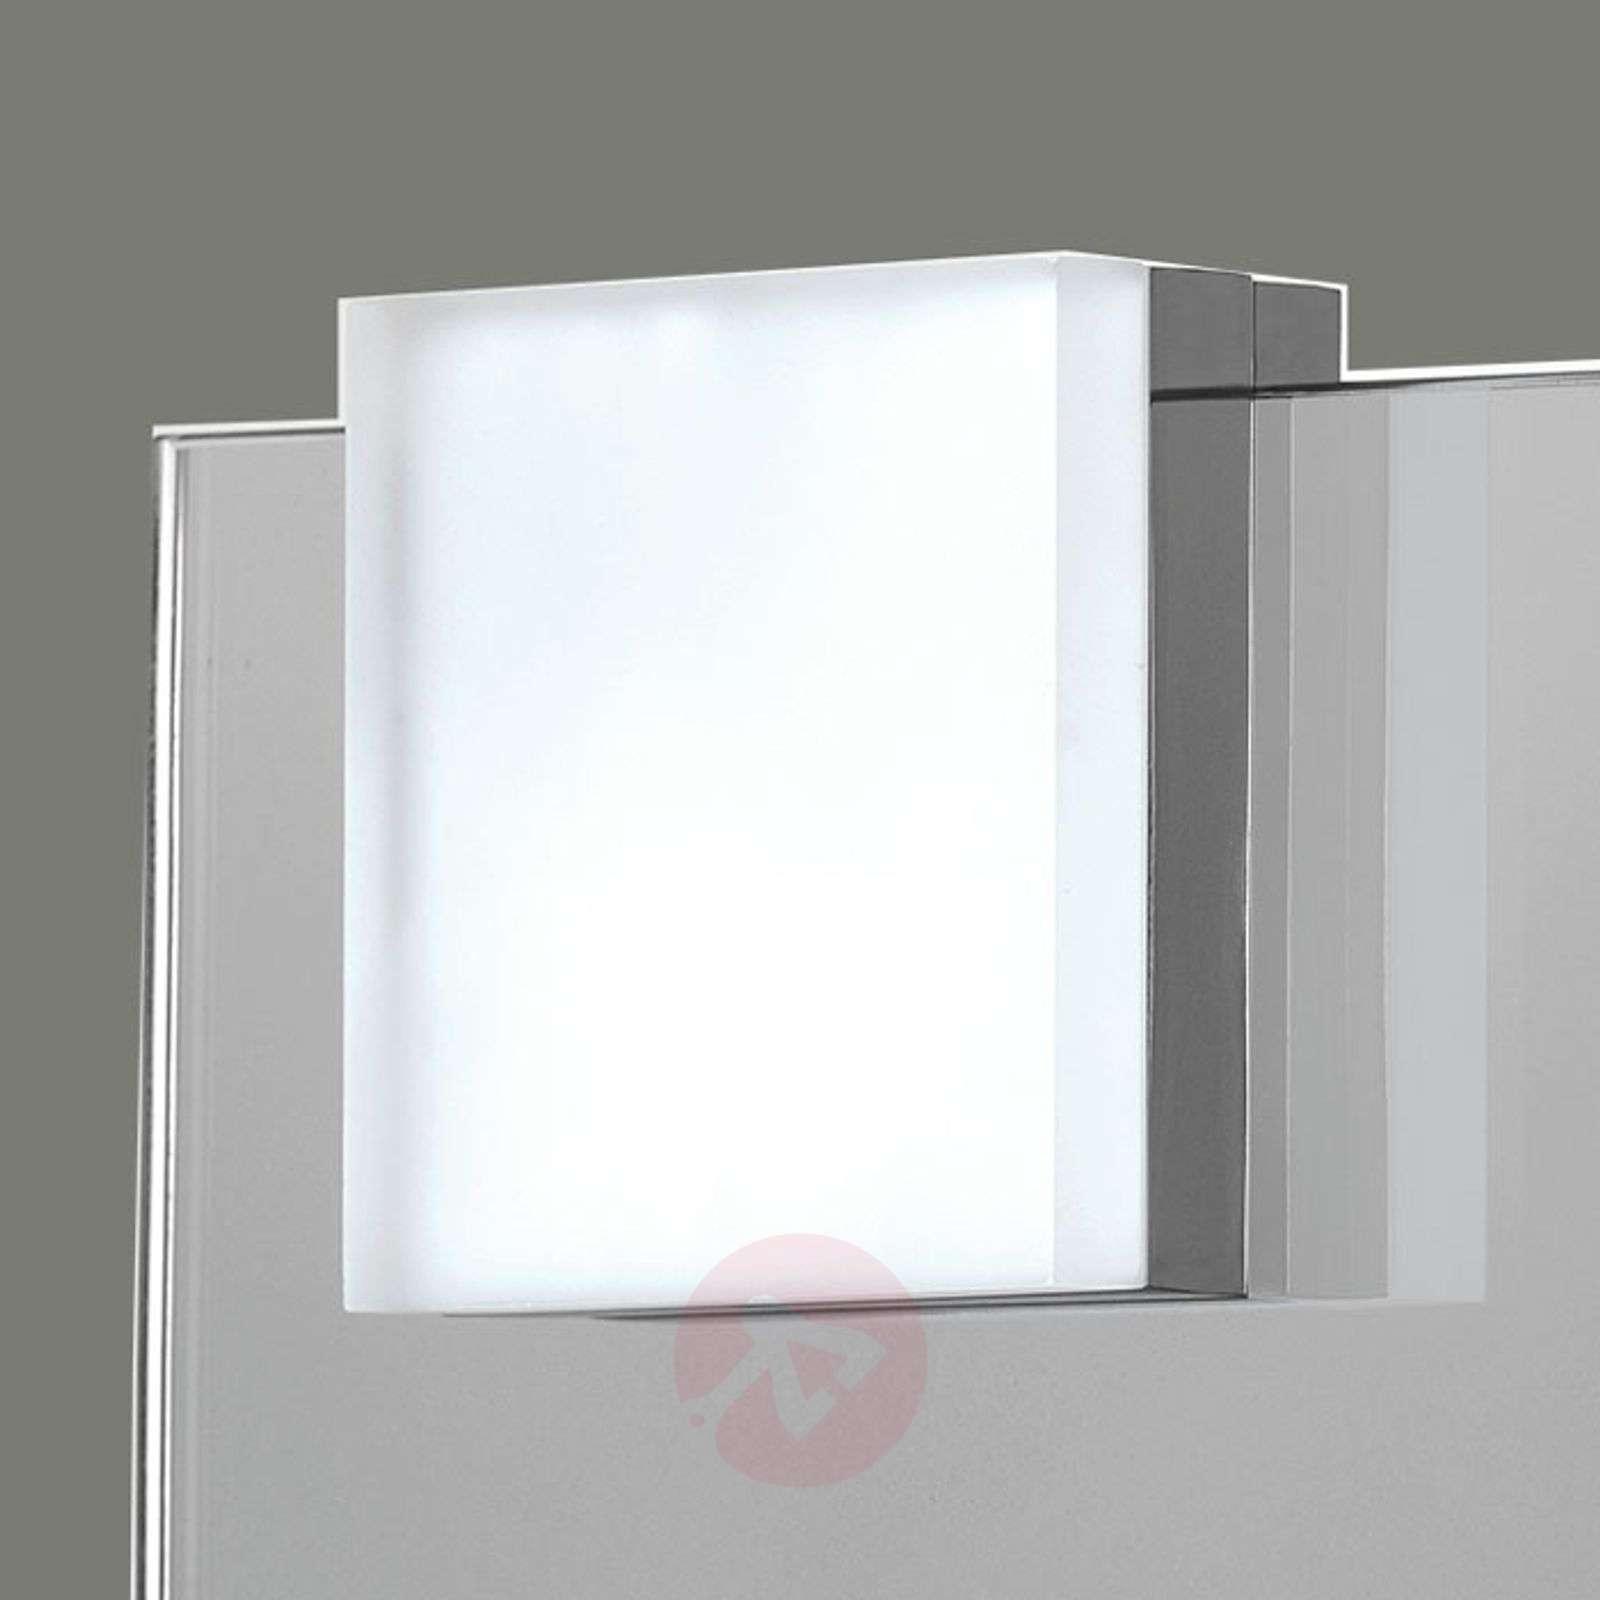 Yaku - LED bathroom mirror light   Lights.ie